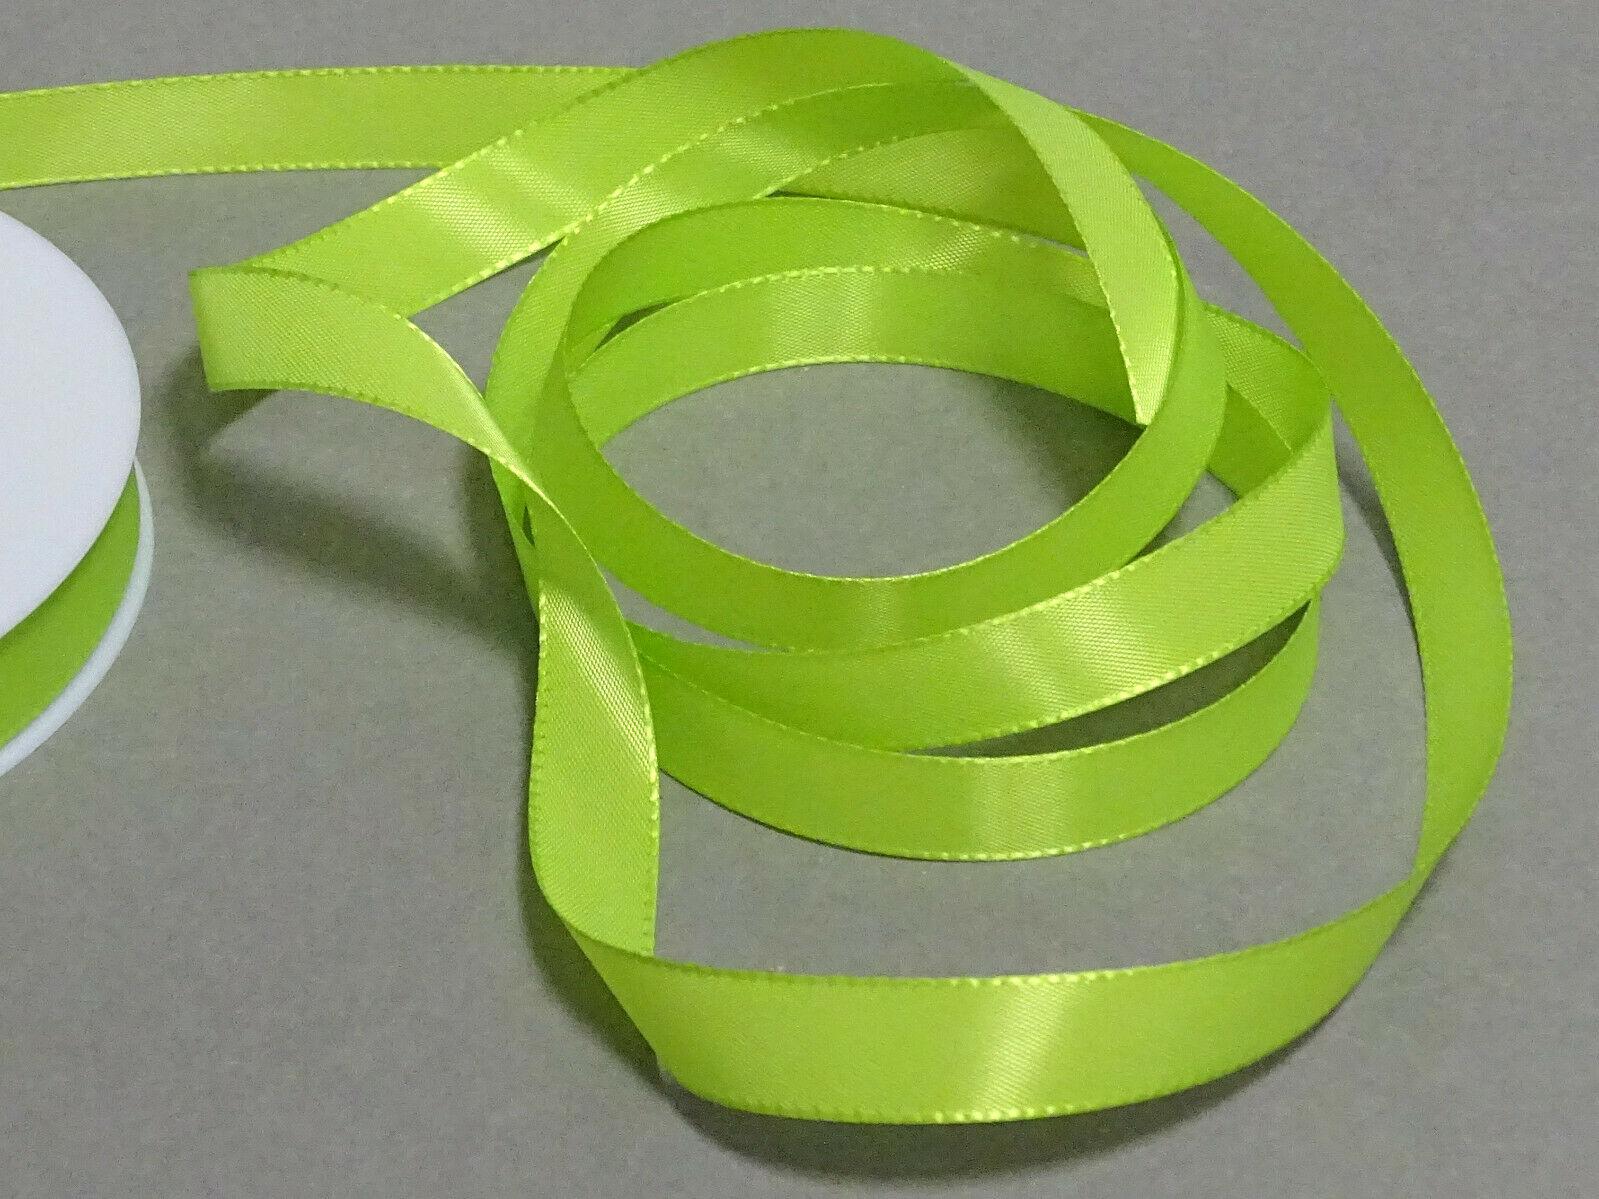 Seidenband Schleifenband 50 m x 15 mm / 40 mm Dekoband ab 0,08 €/m Geschenkband  - Maigrün 211, 15 mm x 50 m